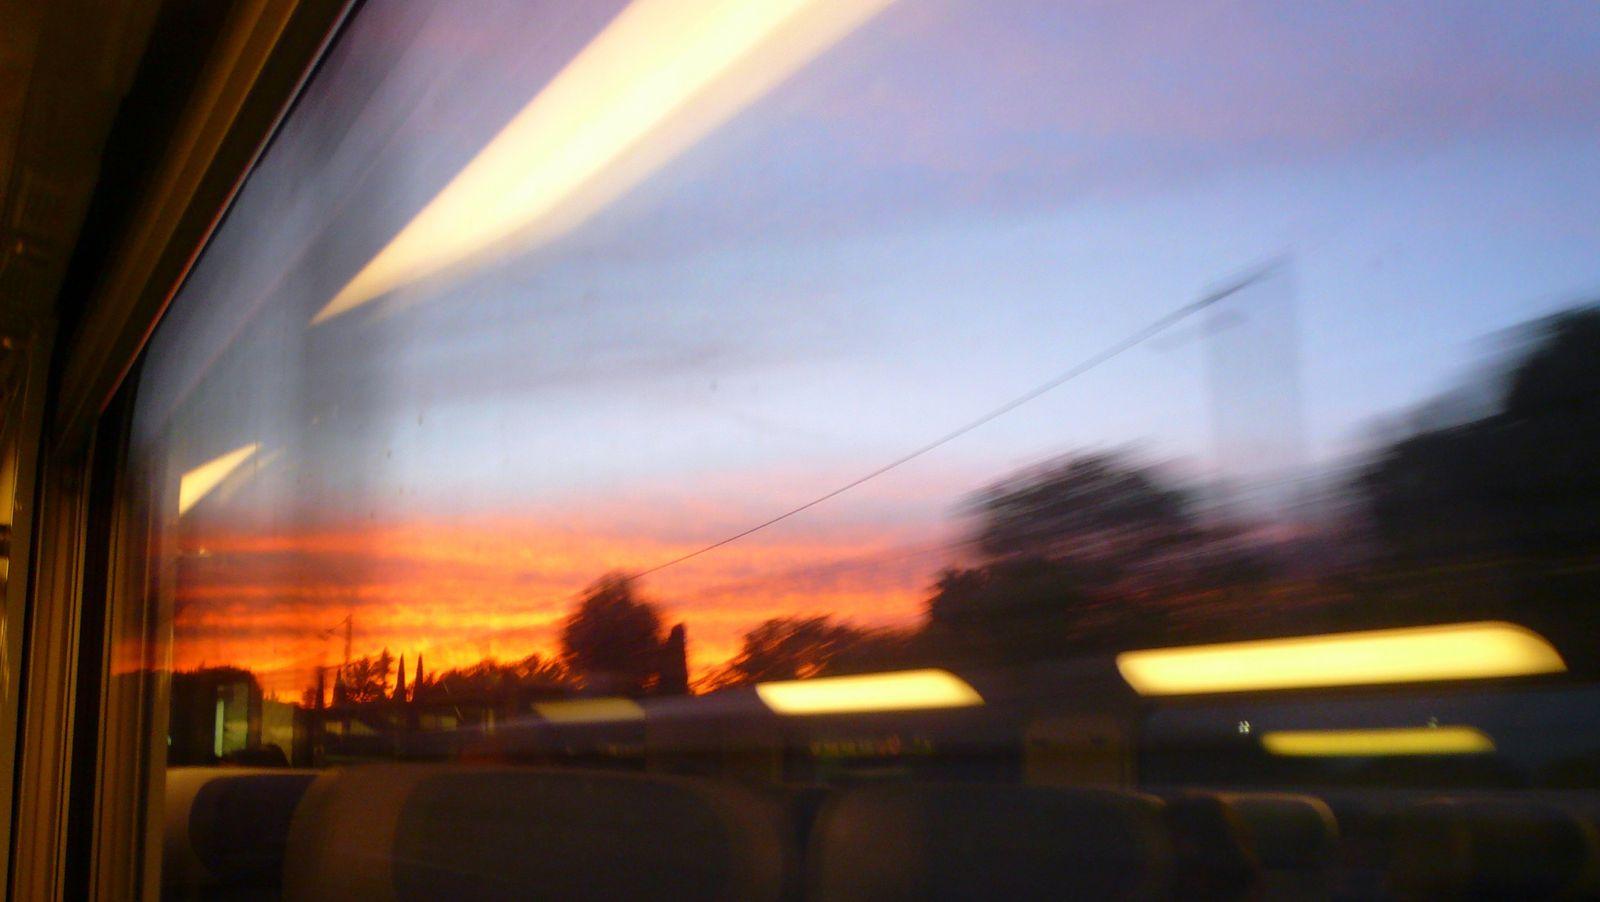 le TGV Genève/Montpellier : un sas pour une transition plus douce. Un beau coucher de soleil pris à grande vitesse.